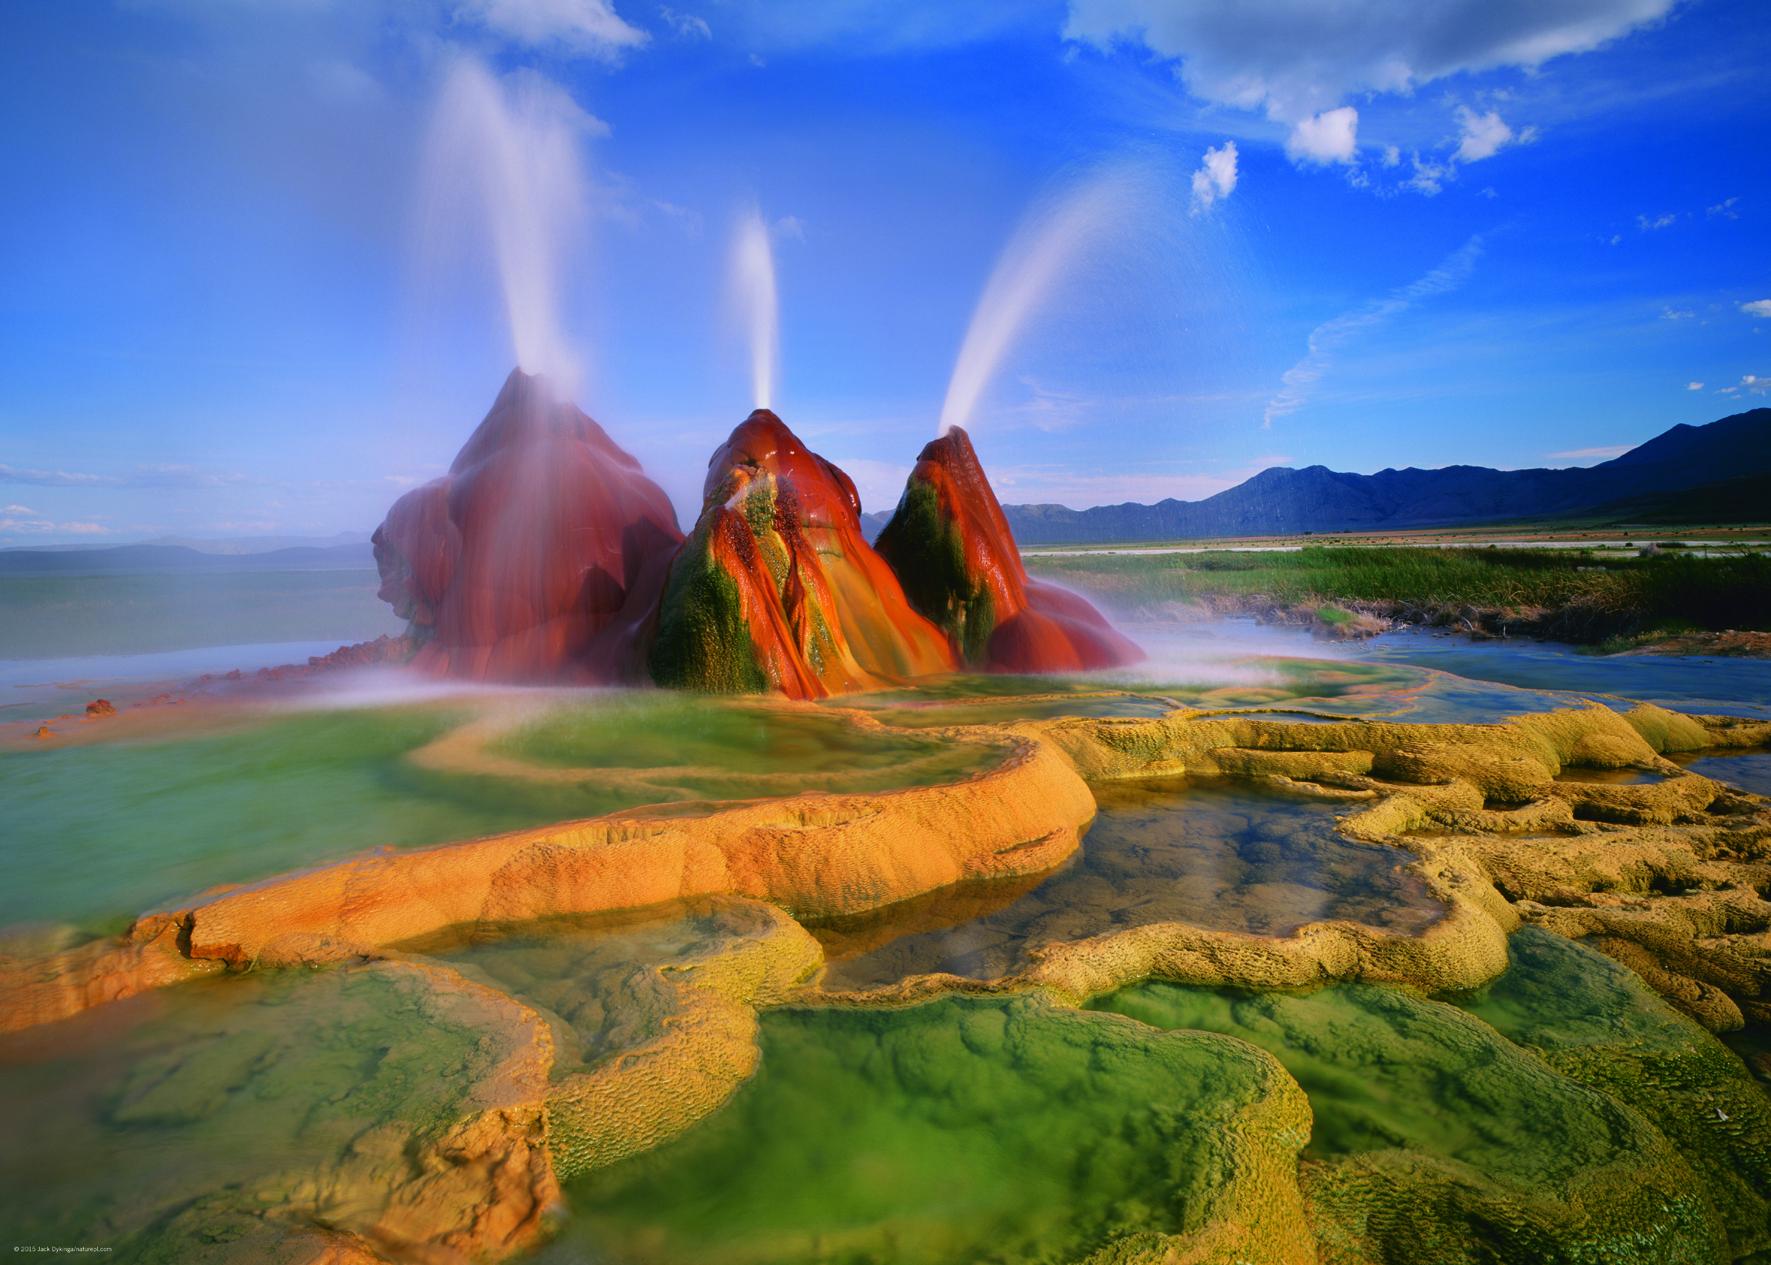 بالصور منظر جميل , شاهد بالصور اروع المناظر البراقة 3858 2